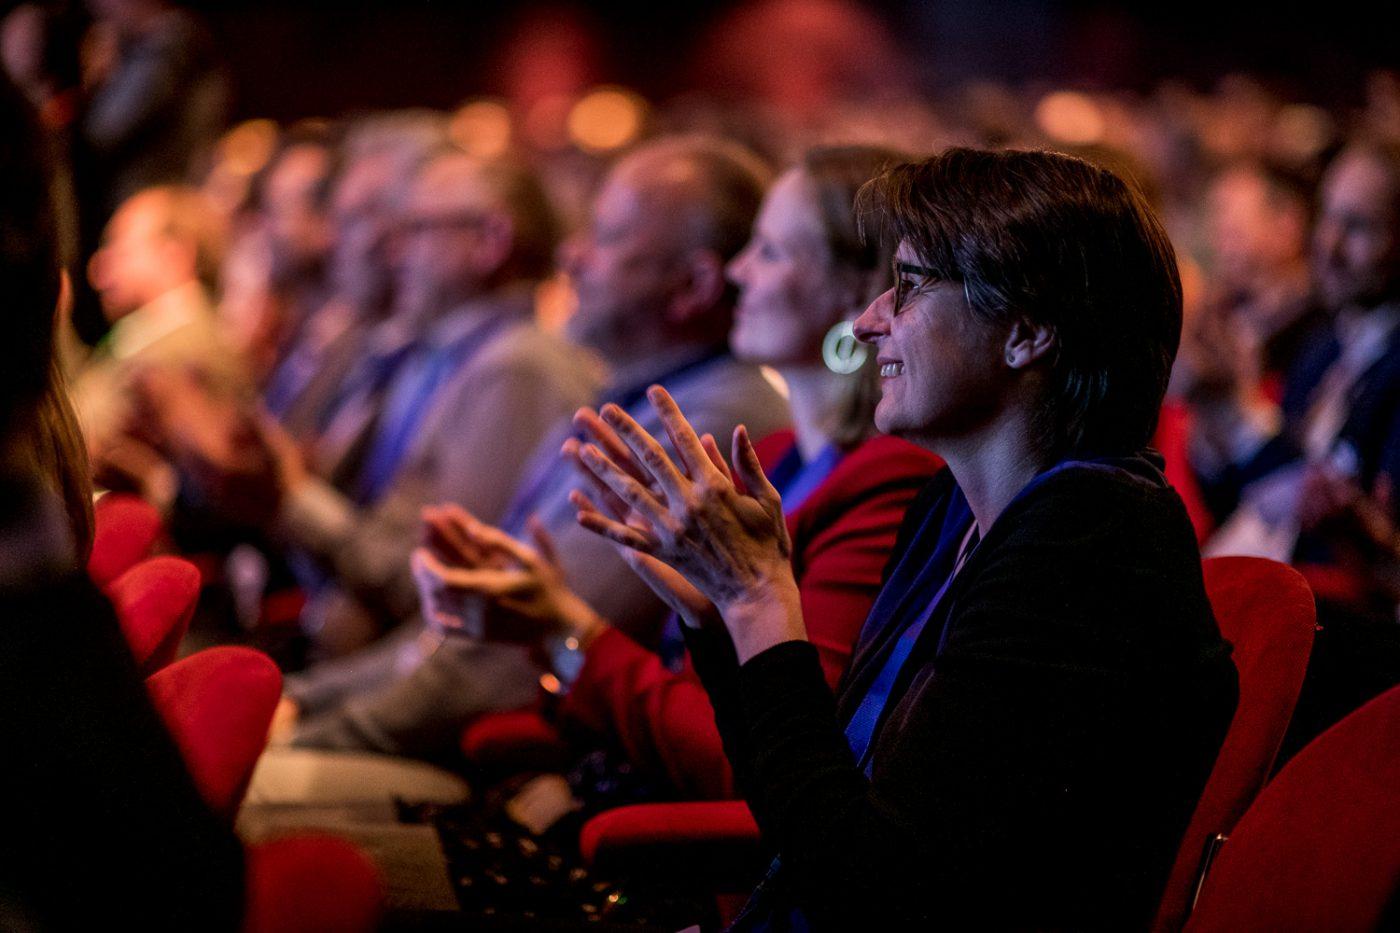 Gooiland Theater bij Nederland Digitaal Dag in Gooiland Hilversum